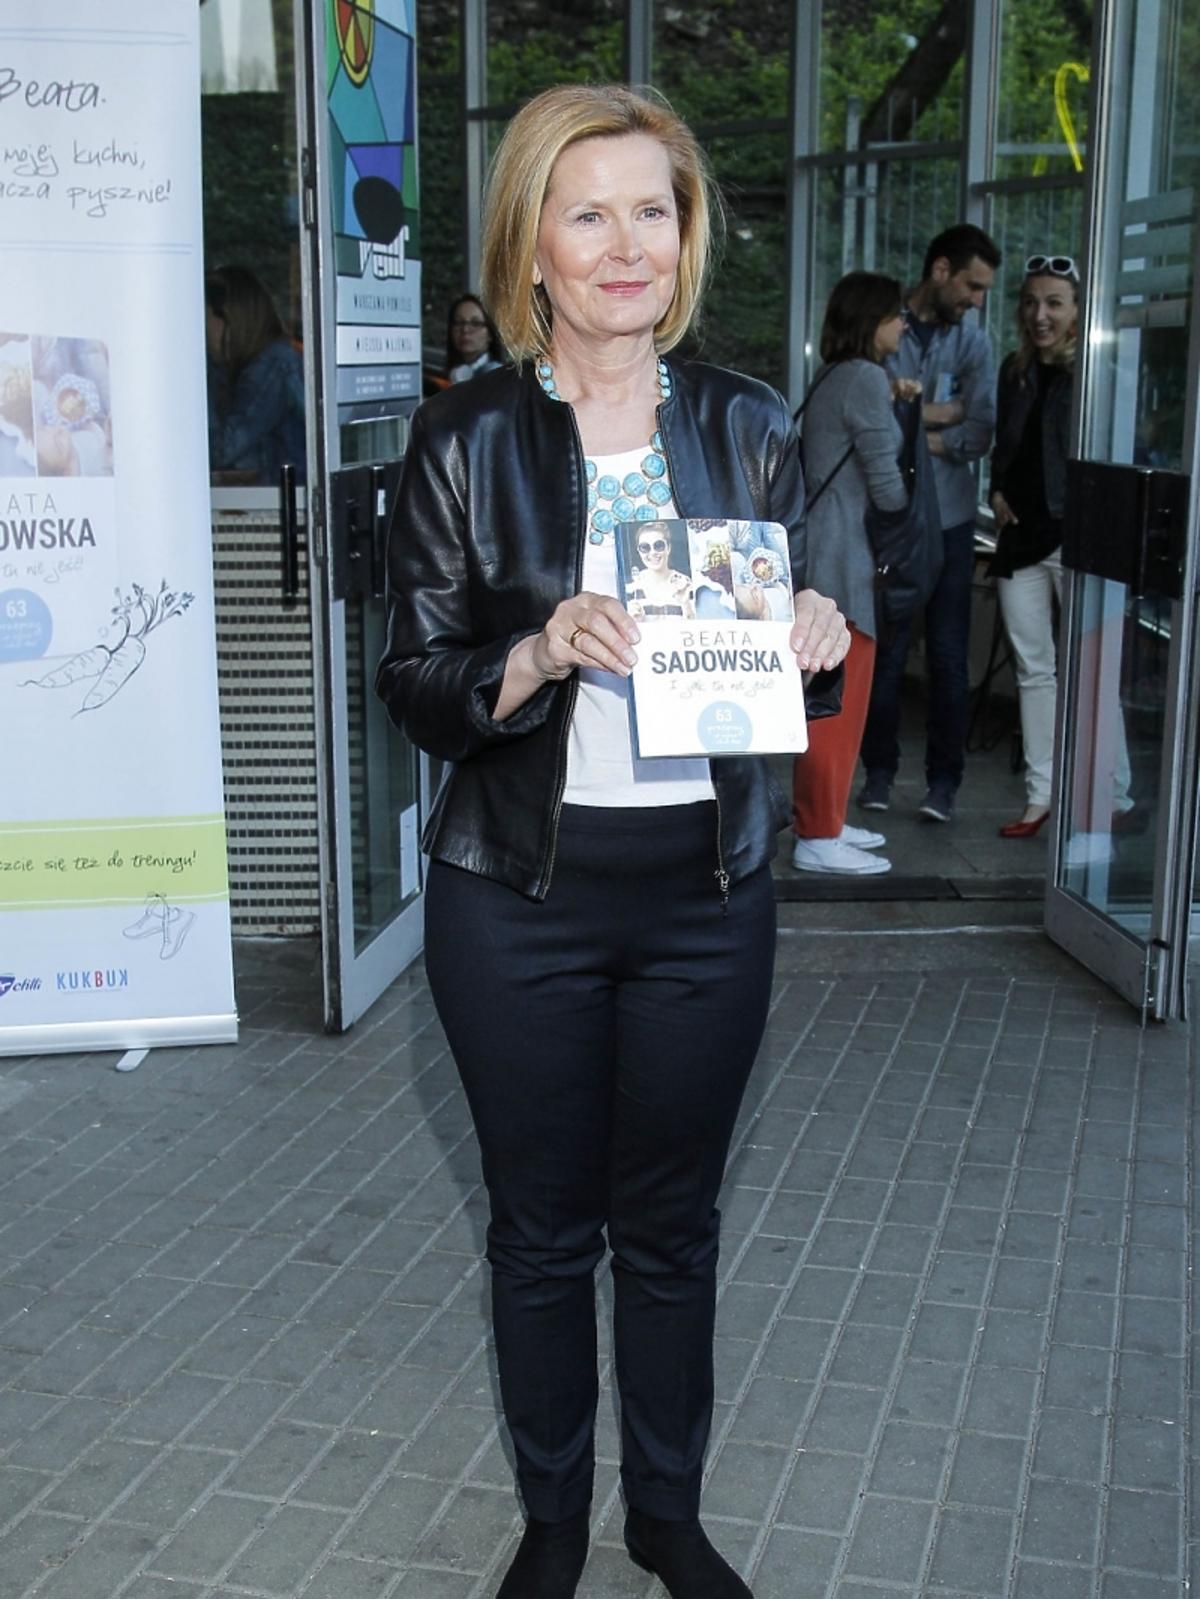 Barbara Bursztynowicz na premierze książki Beaty Sadowskiej